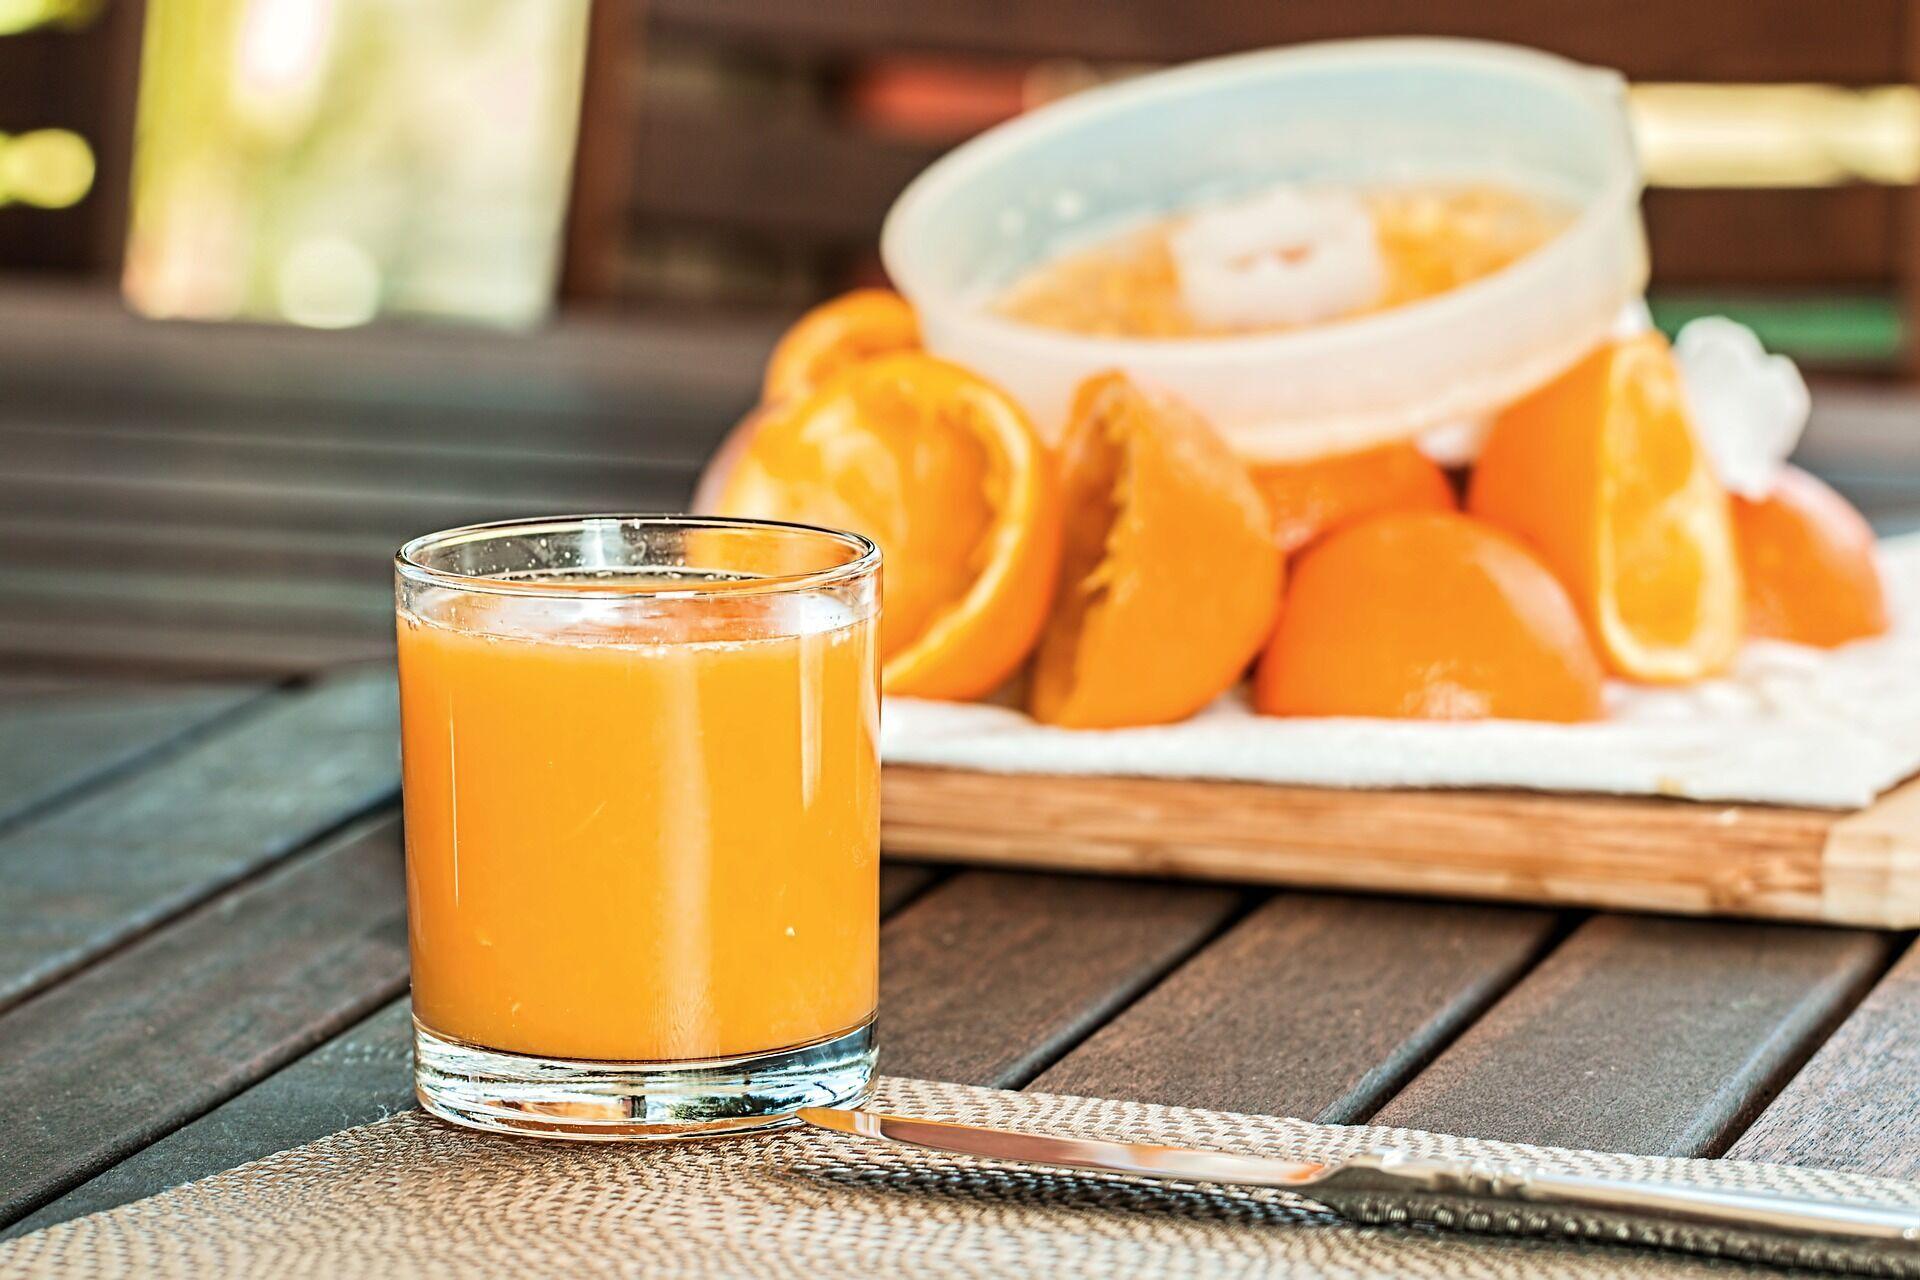 В соках много сахара, поэтому лучше есть фрукты